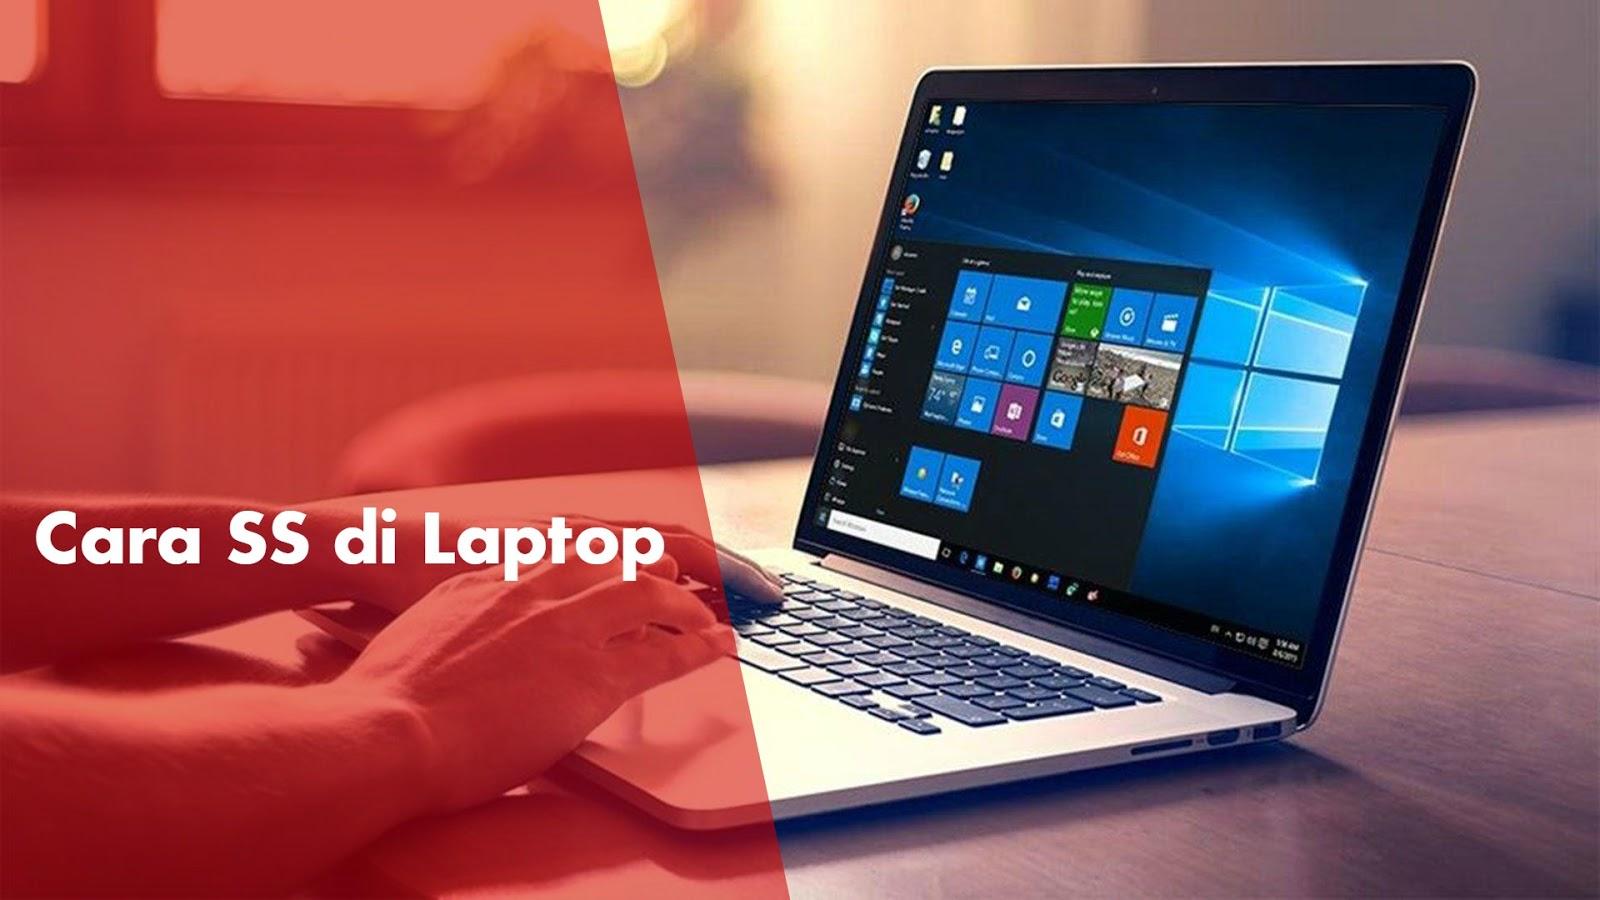 cara-ss-di-laptop